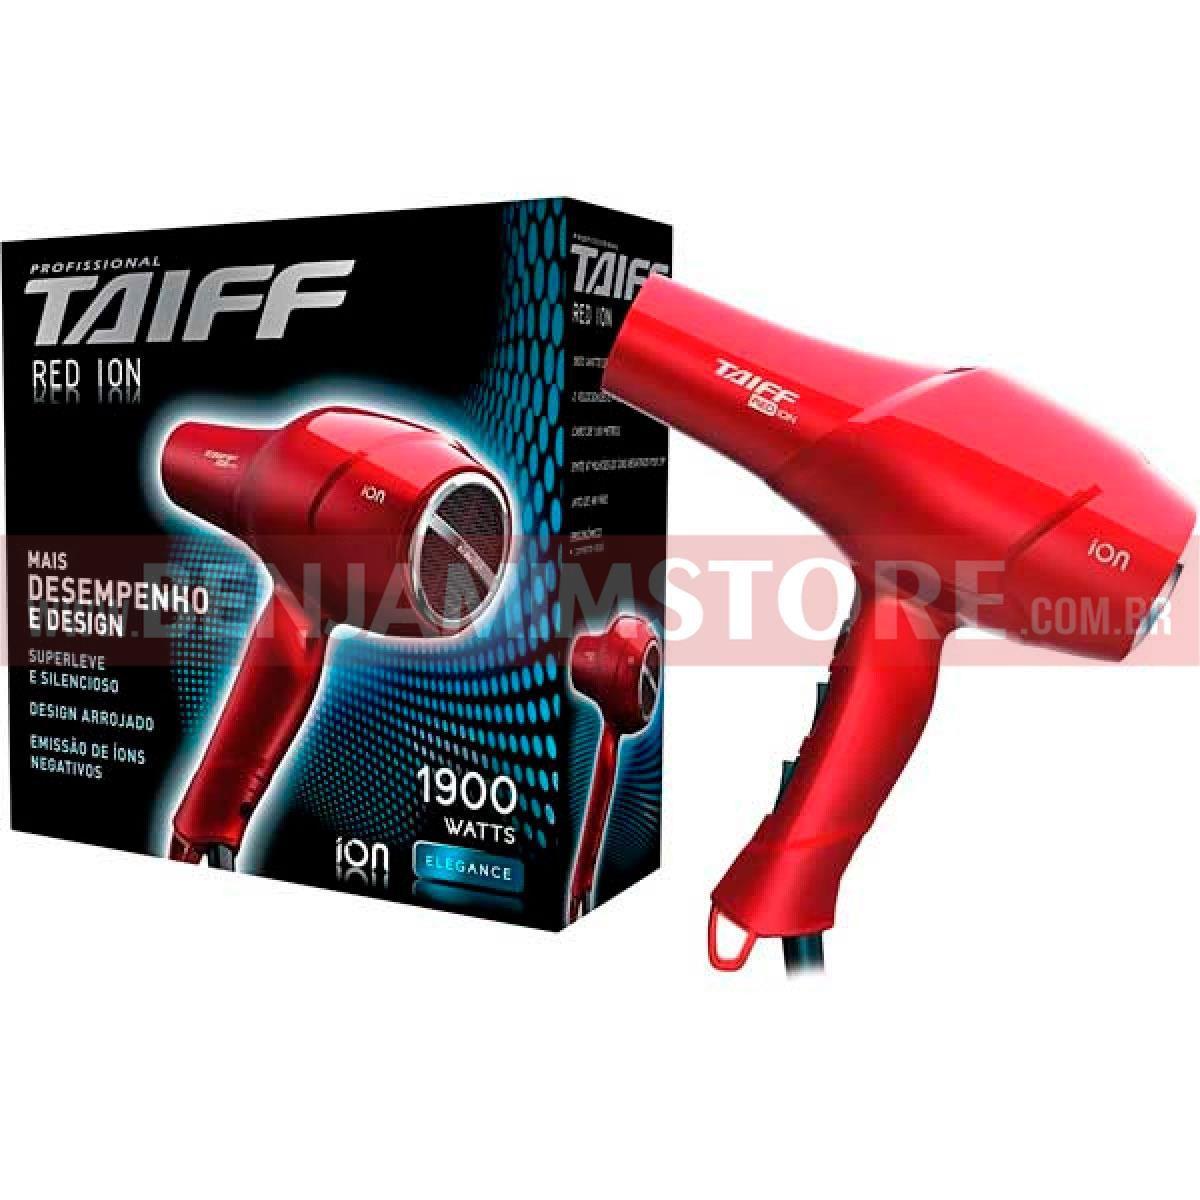 Secador de Cabelo Taiff Red Ion Profissional Vermelho 1900w 127v ou 230 v